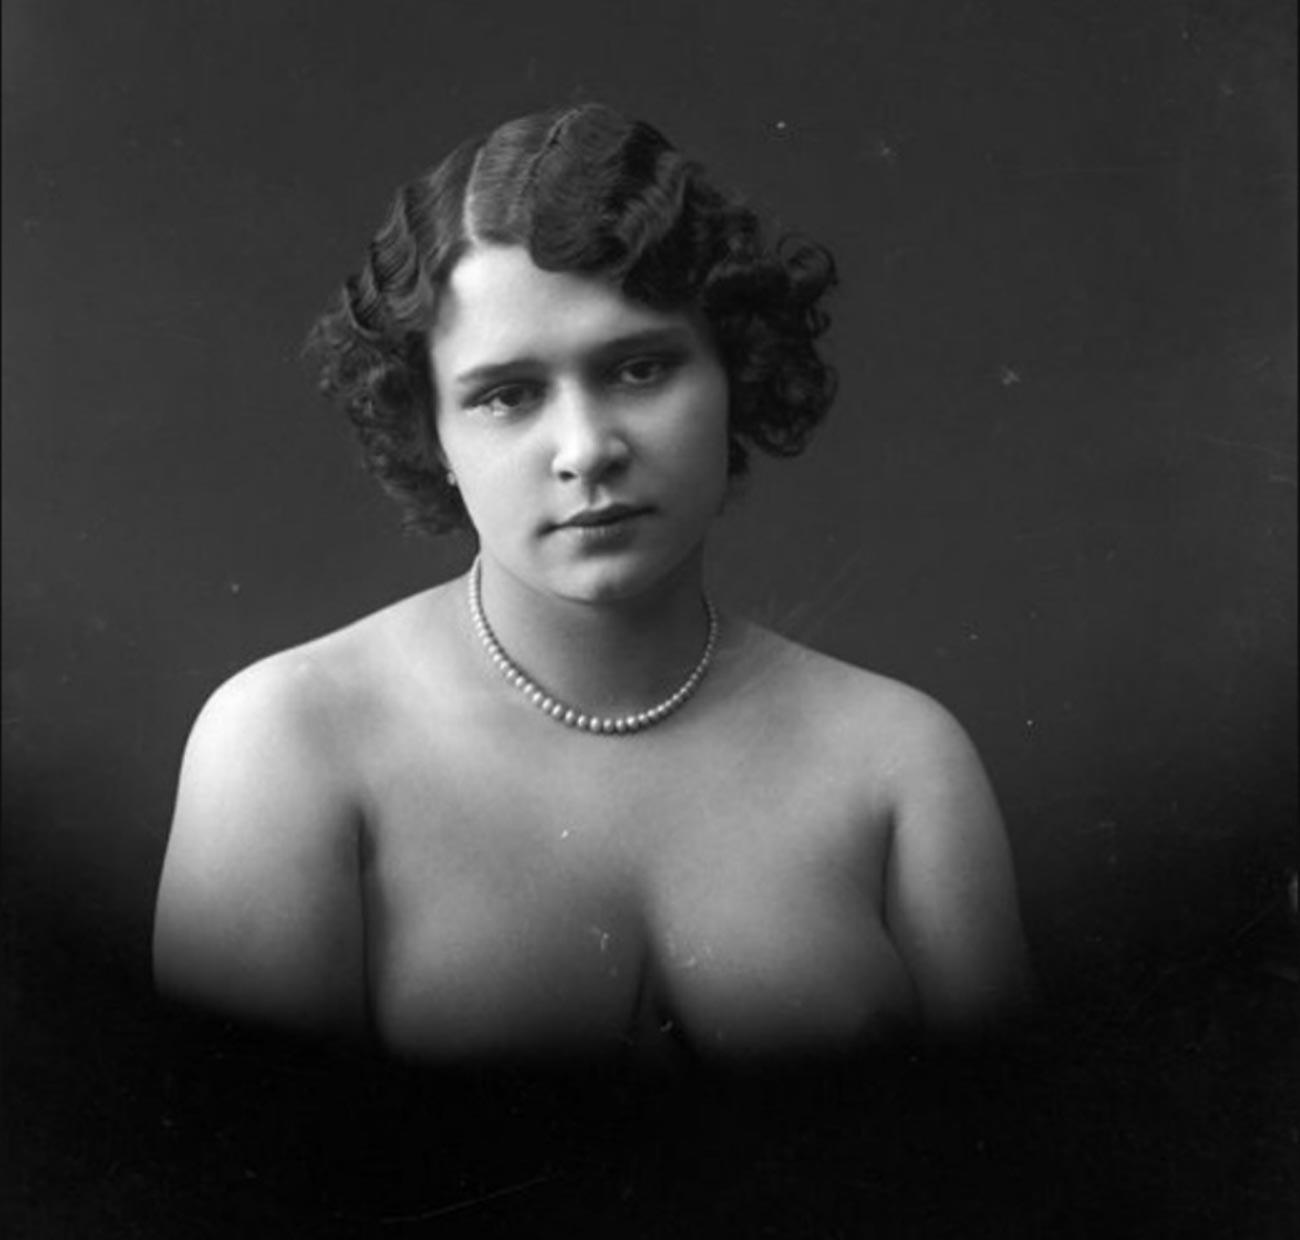 Фотографија на проститутка во Нижни Новгород, 1895-1905 година